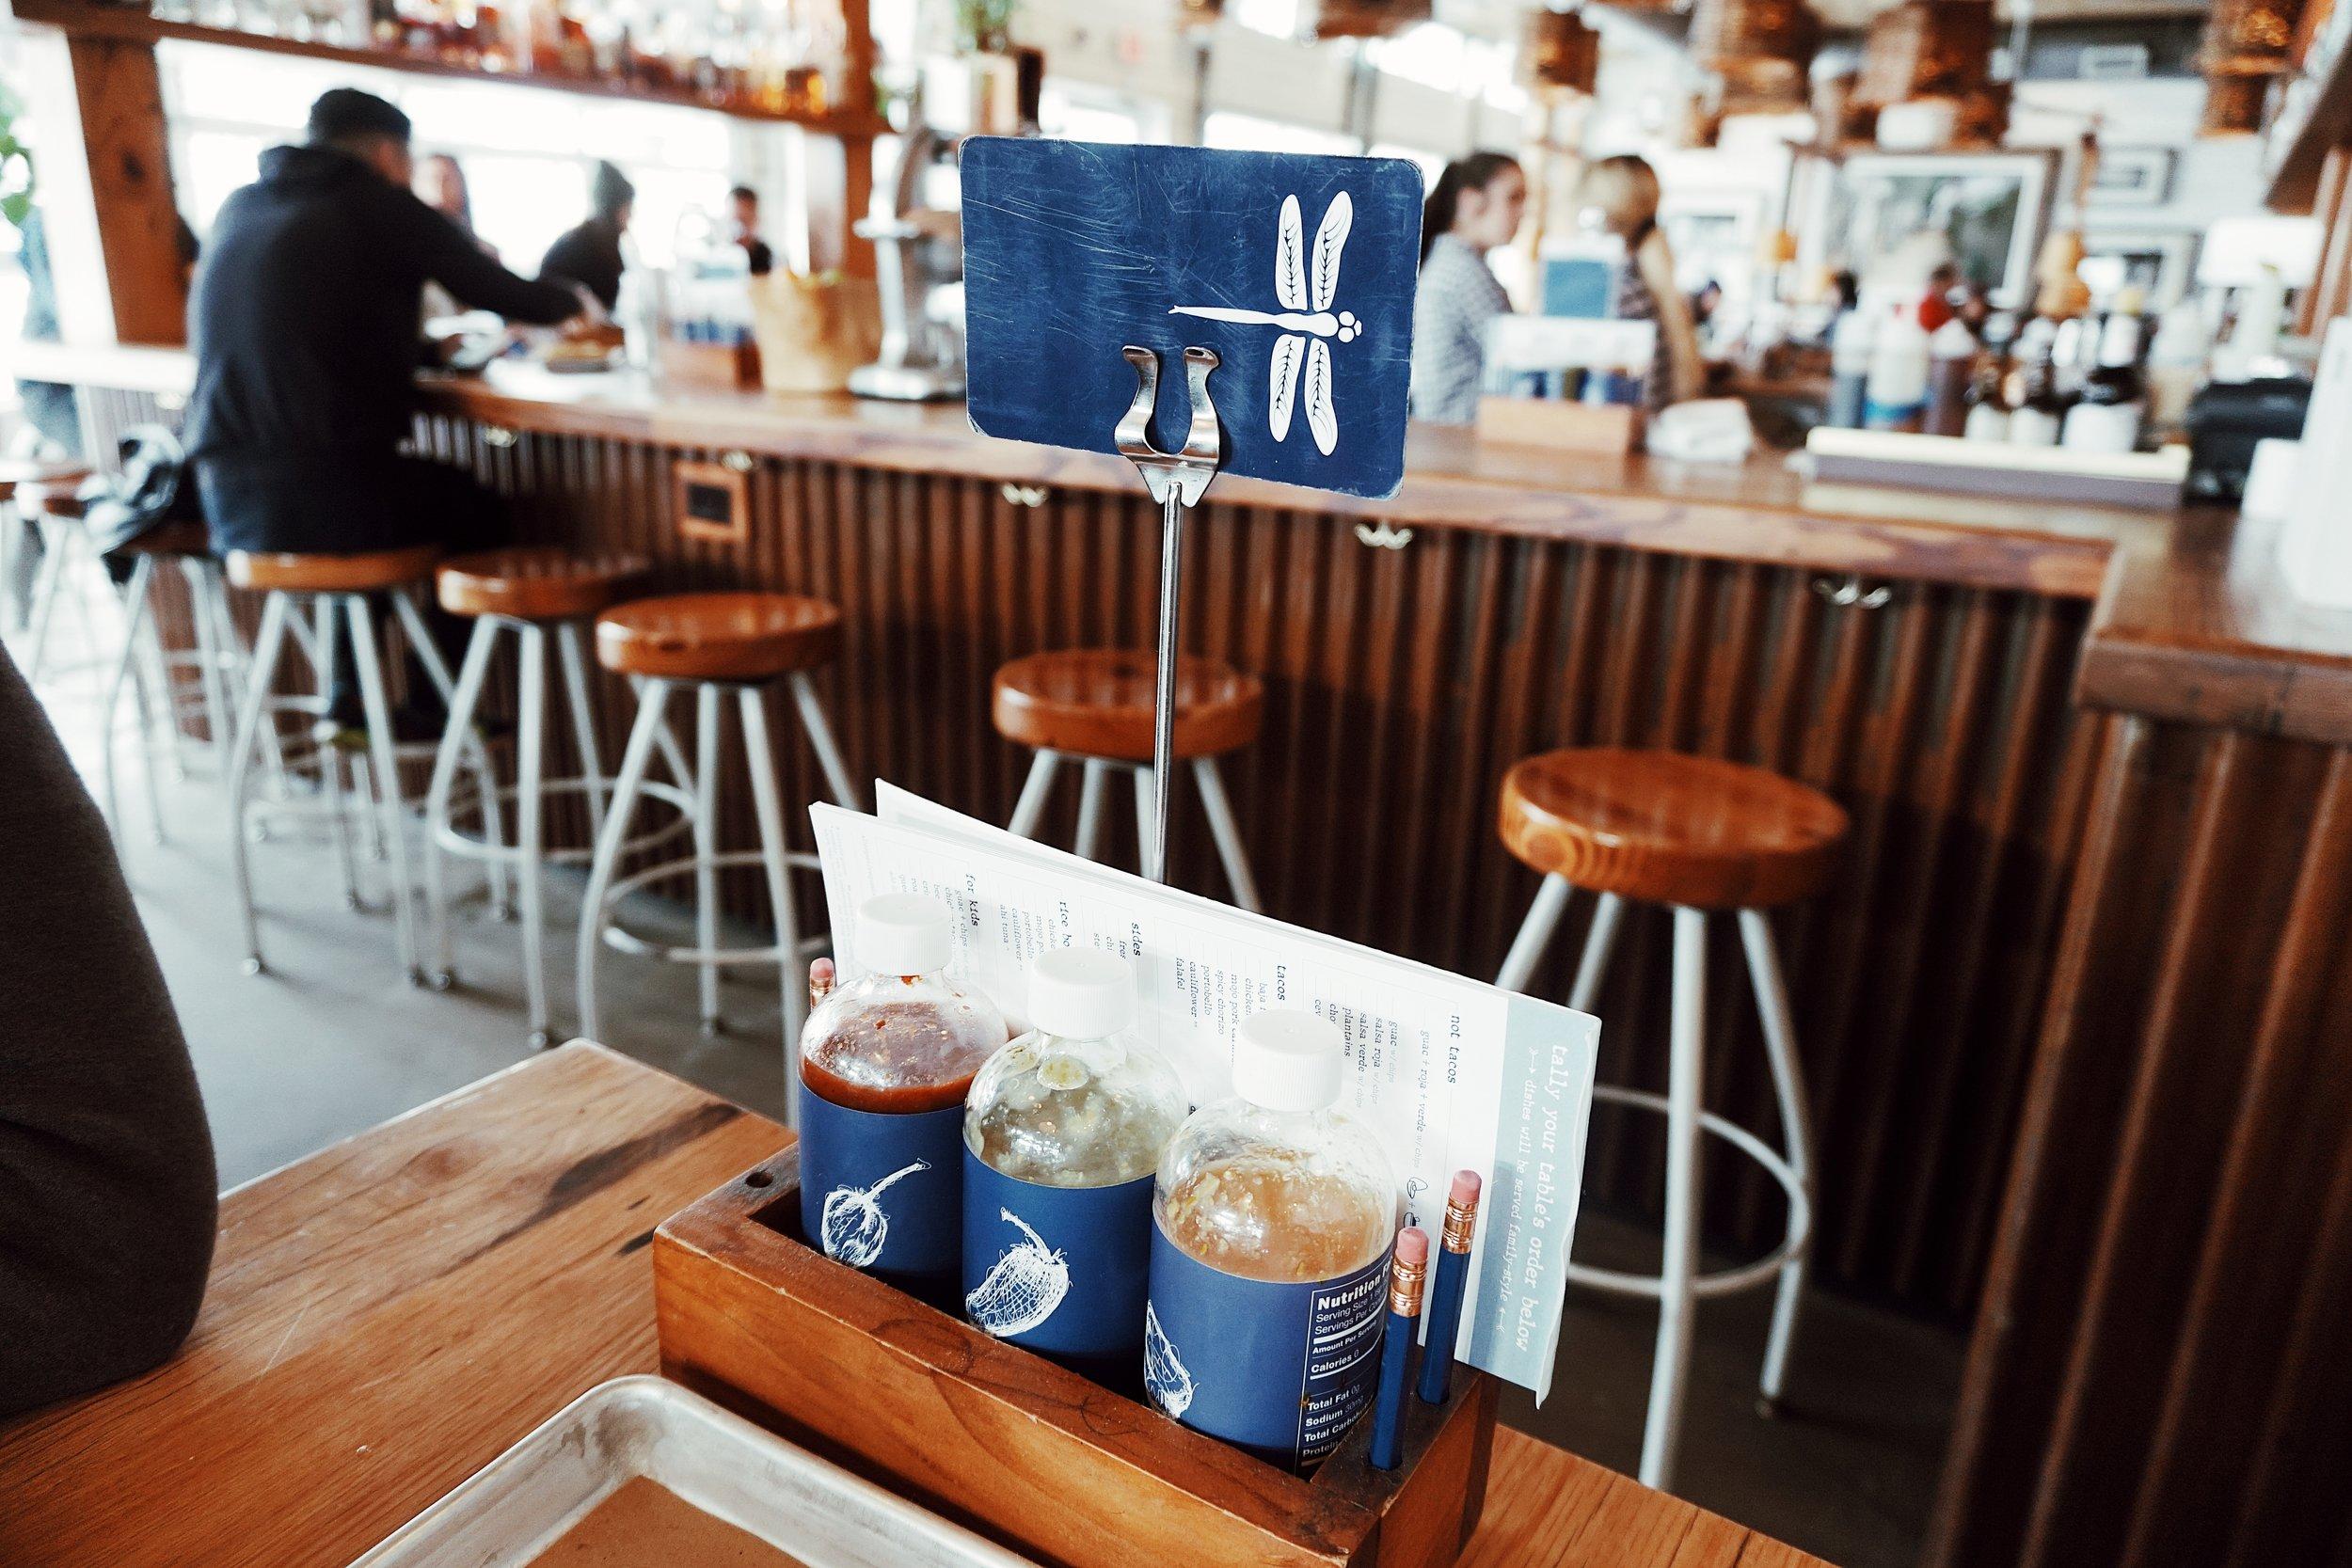 bar-taco-menu-best-nashville-tennessee-colleen-gallagher.jpg